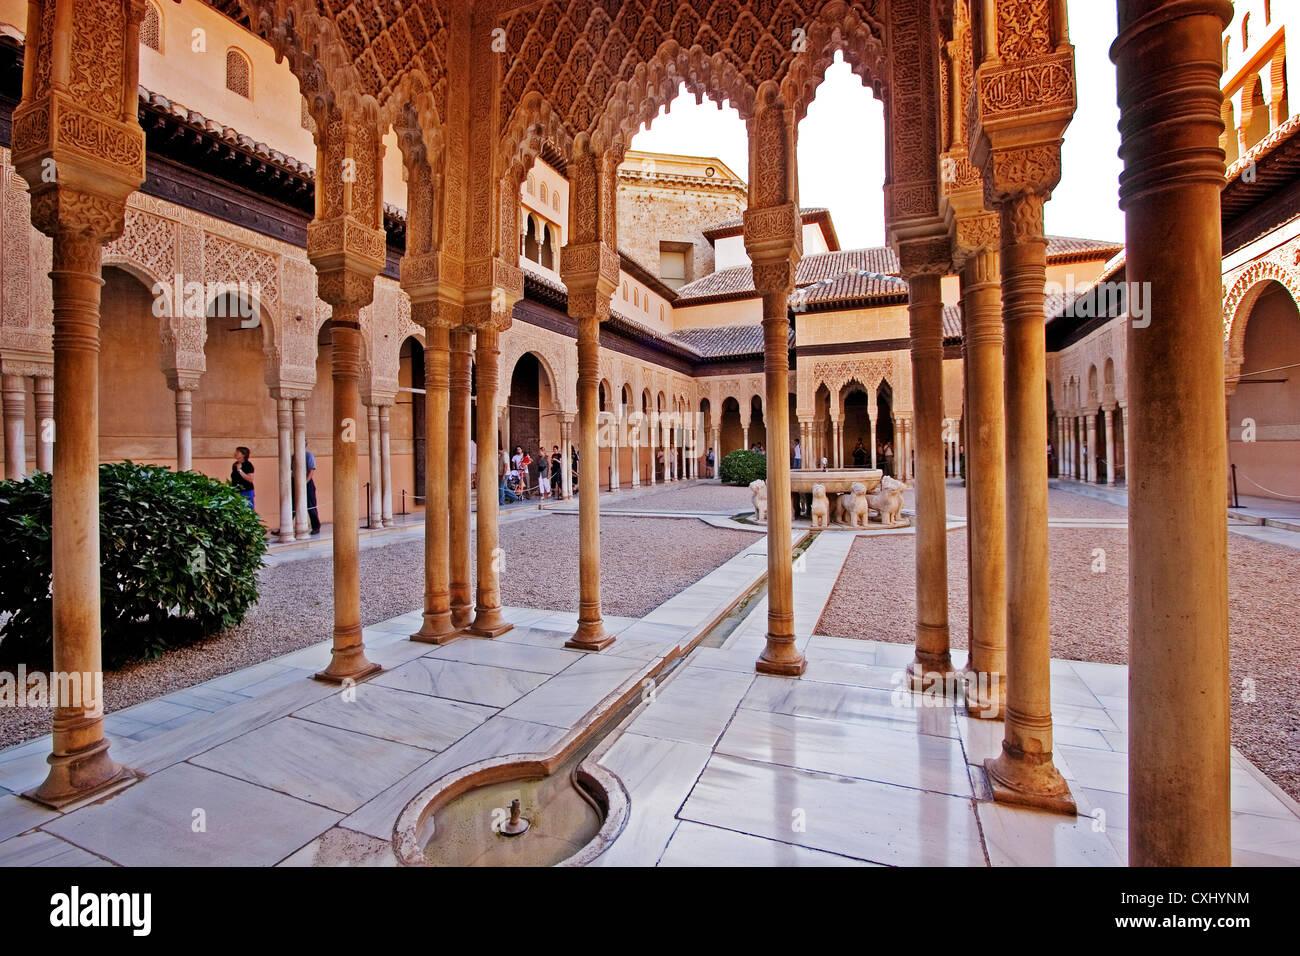 Patio de los leones alhambra granada andalusien spanien - Patios de granada ...